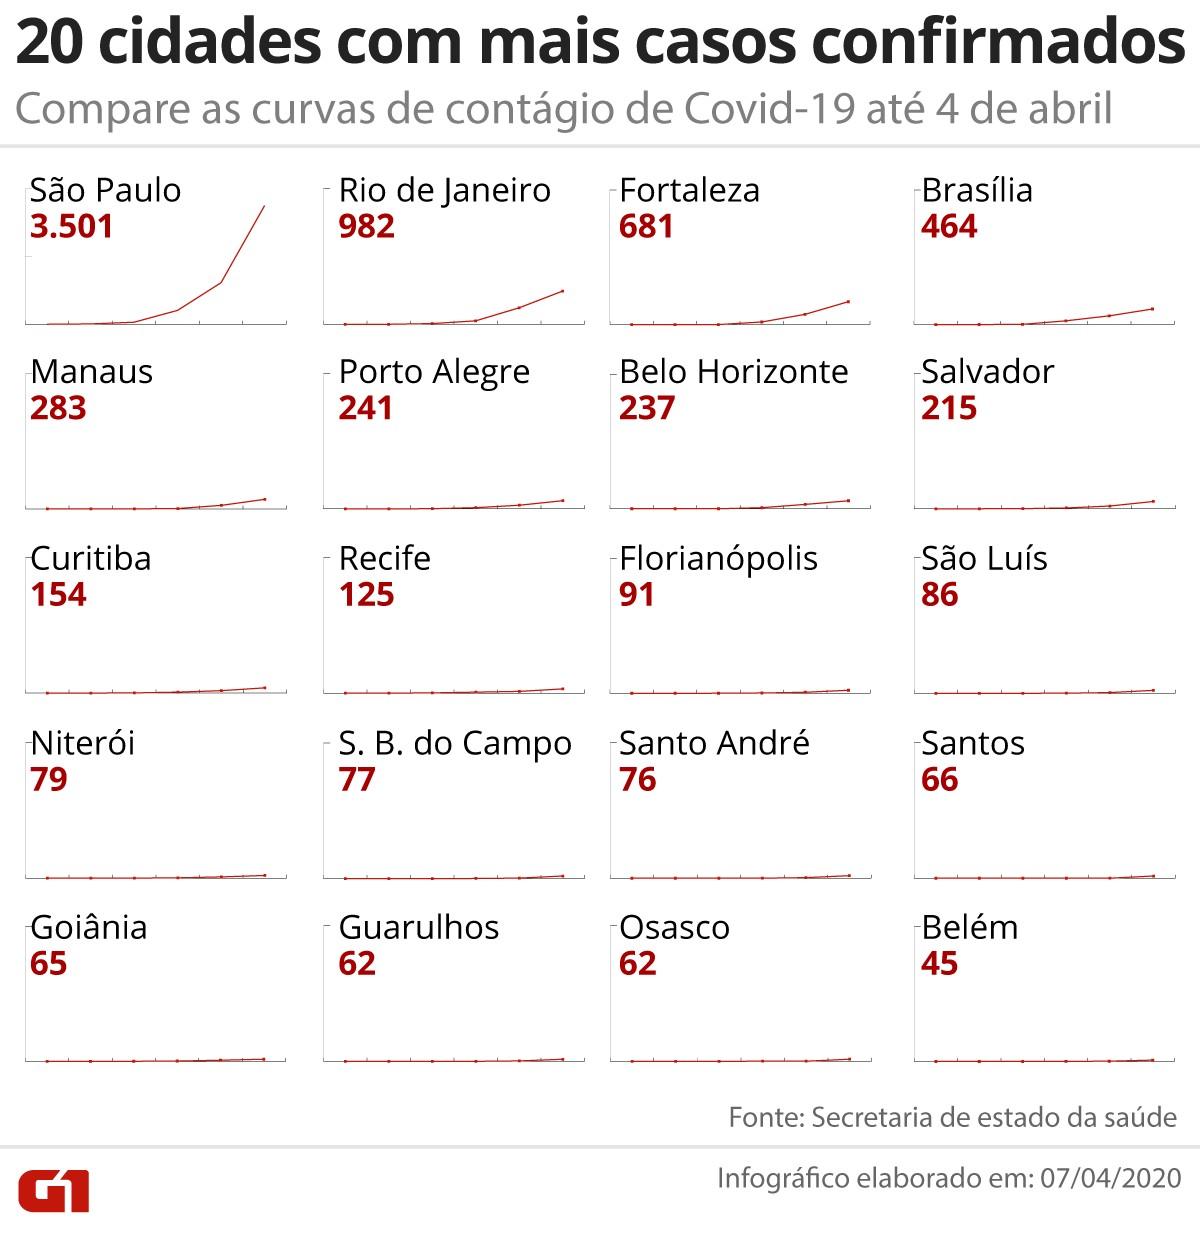 Curvas de contágio das 20 cidades brasileiras com mais casos de coronavírus